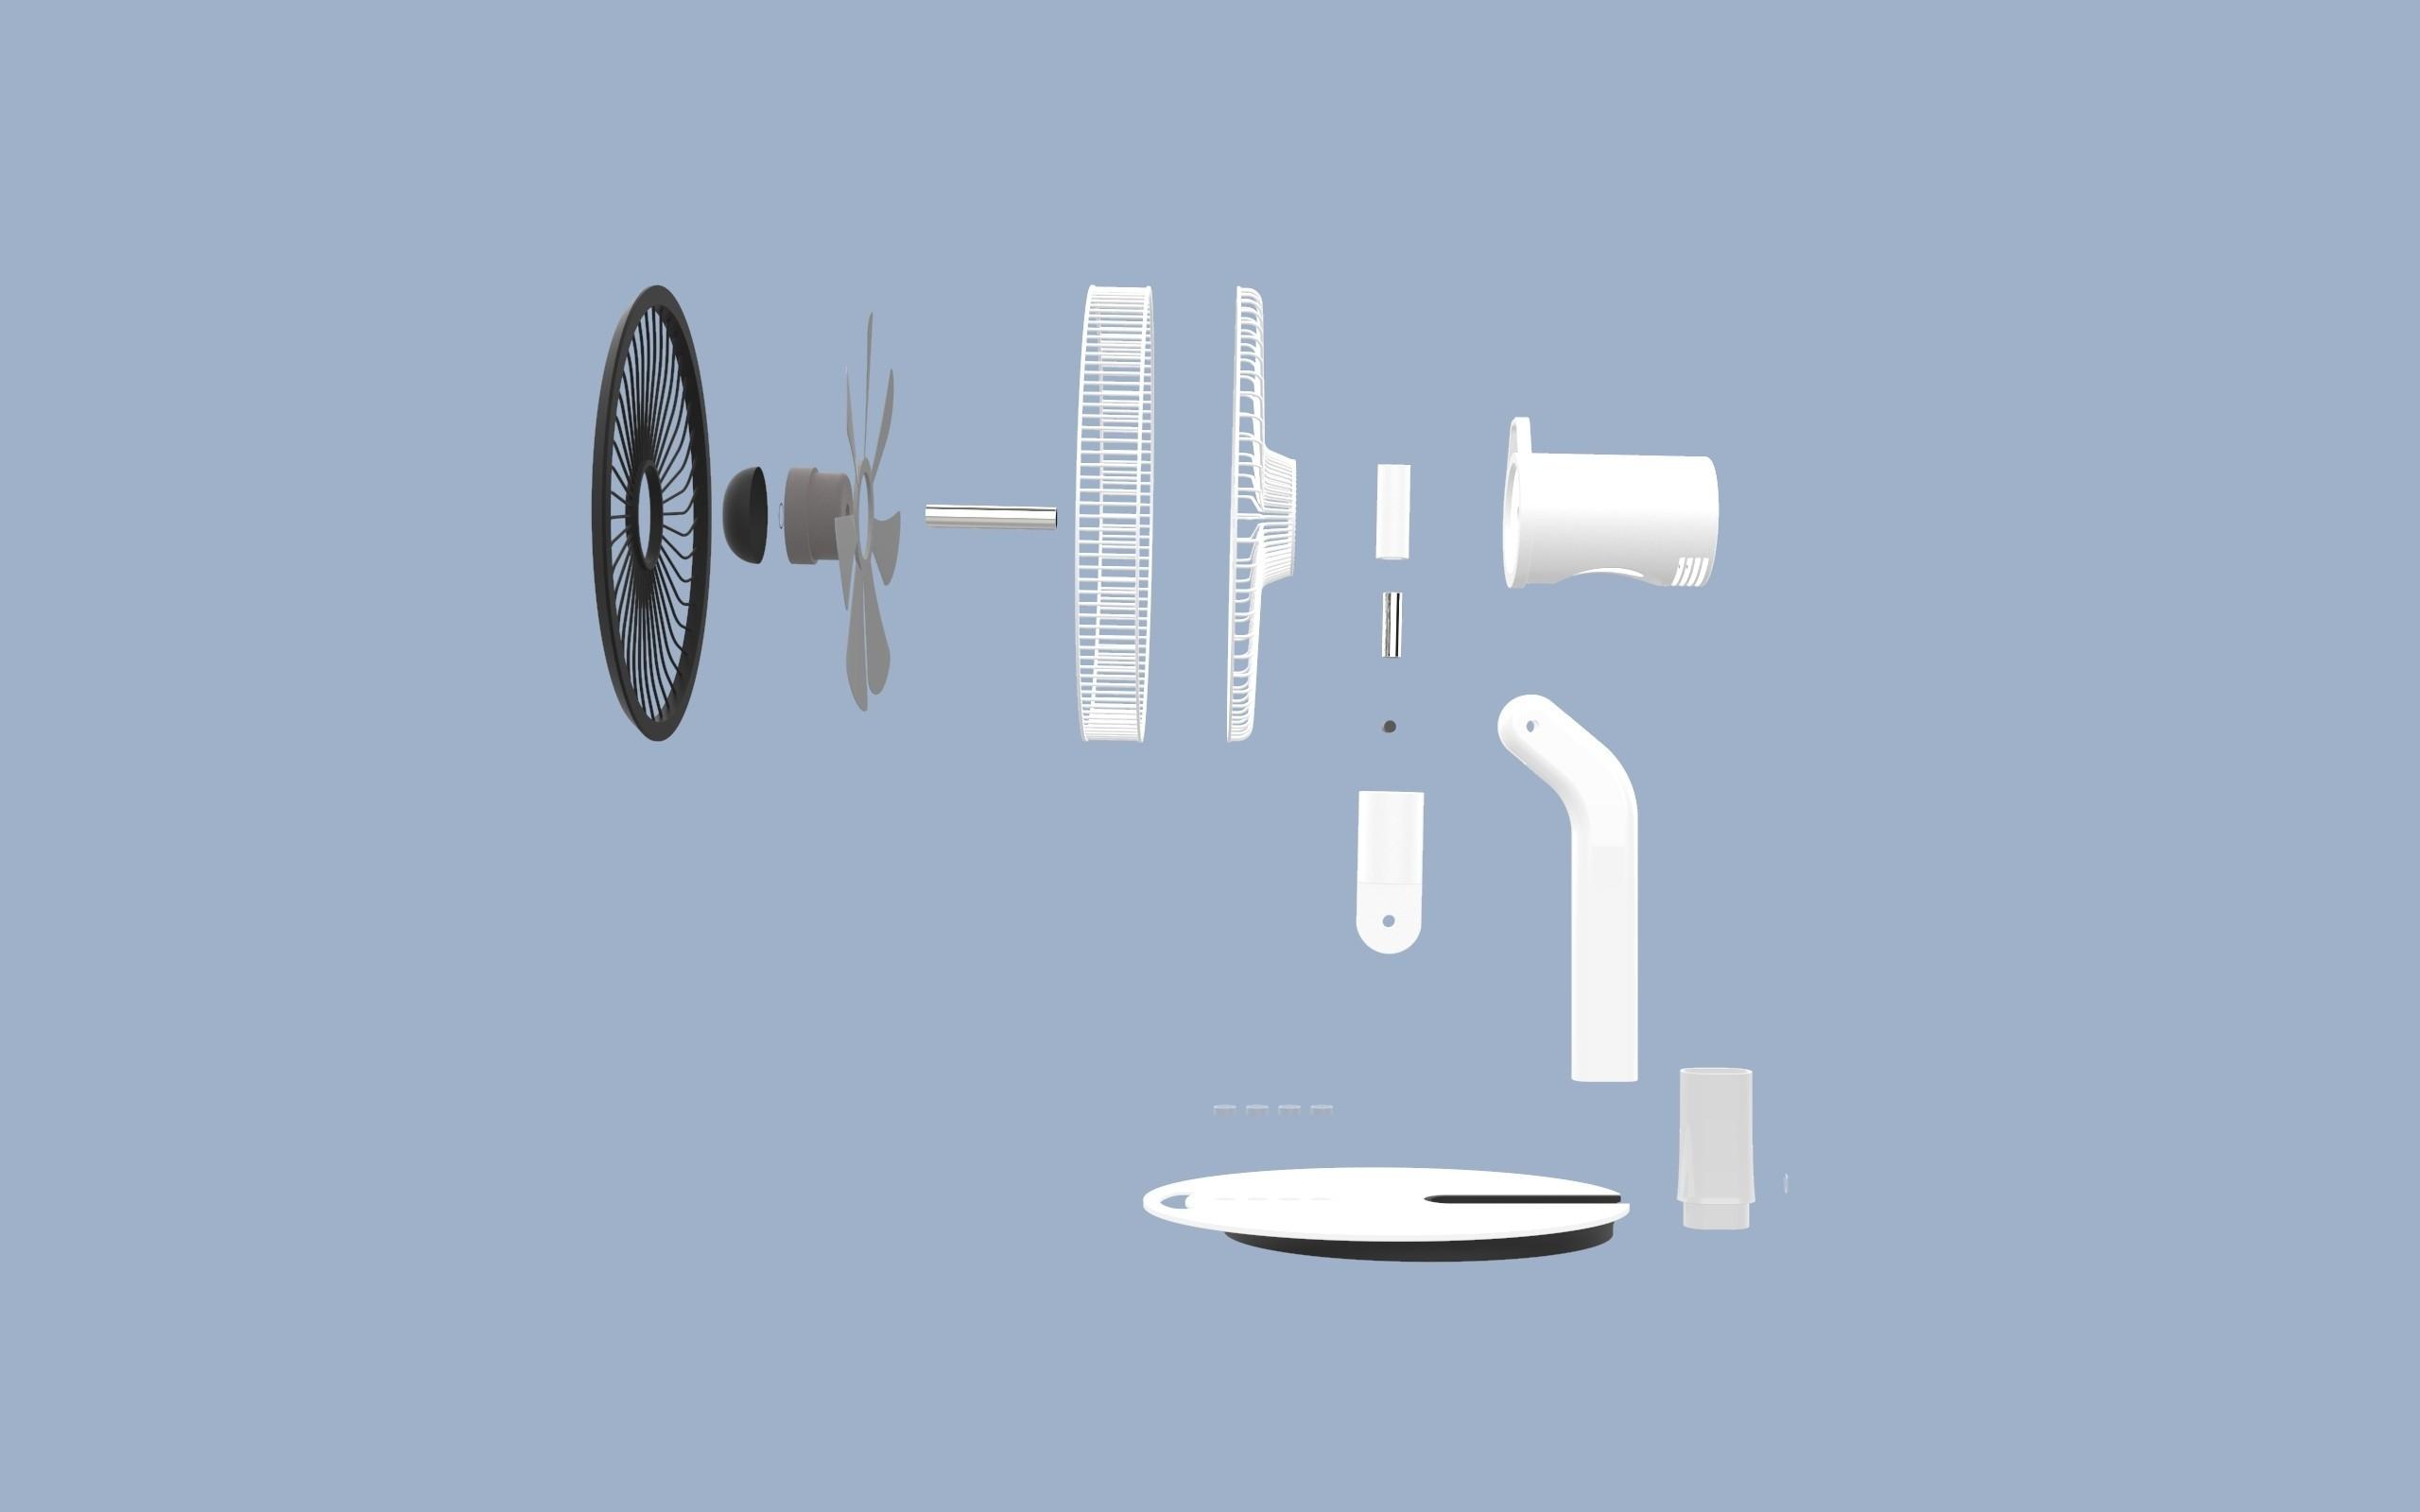 ff.347.jpg Download STL file Folding Table Fan • 3D printer object, Dekro